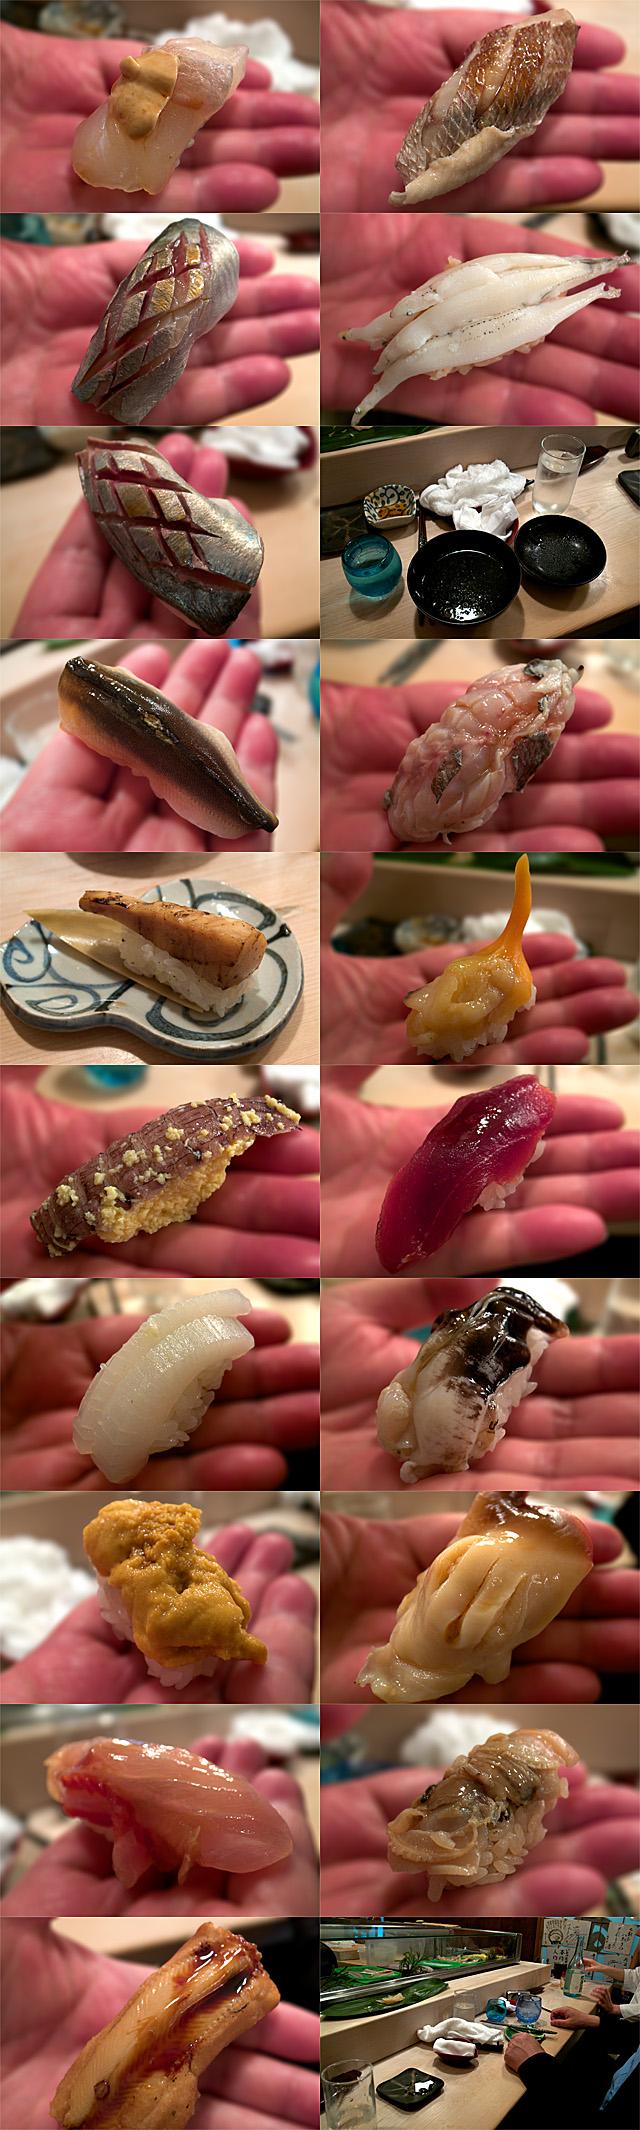 120518_002_寿司いずみ